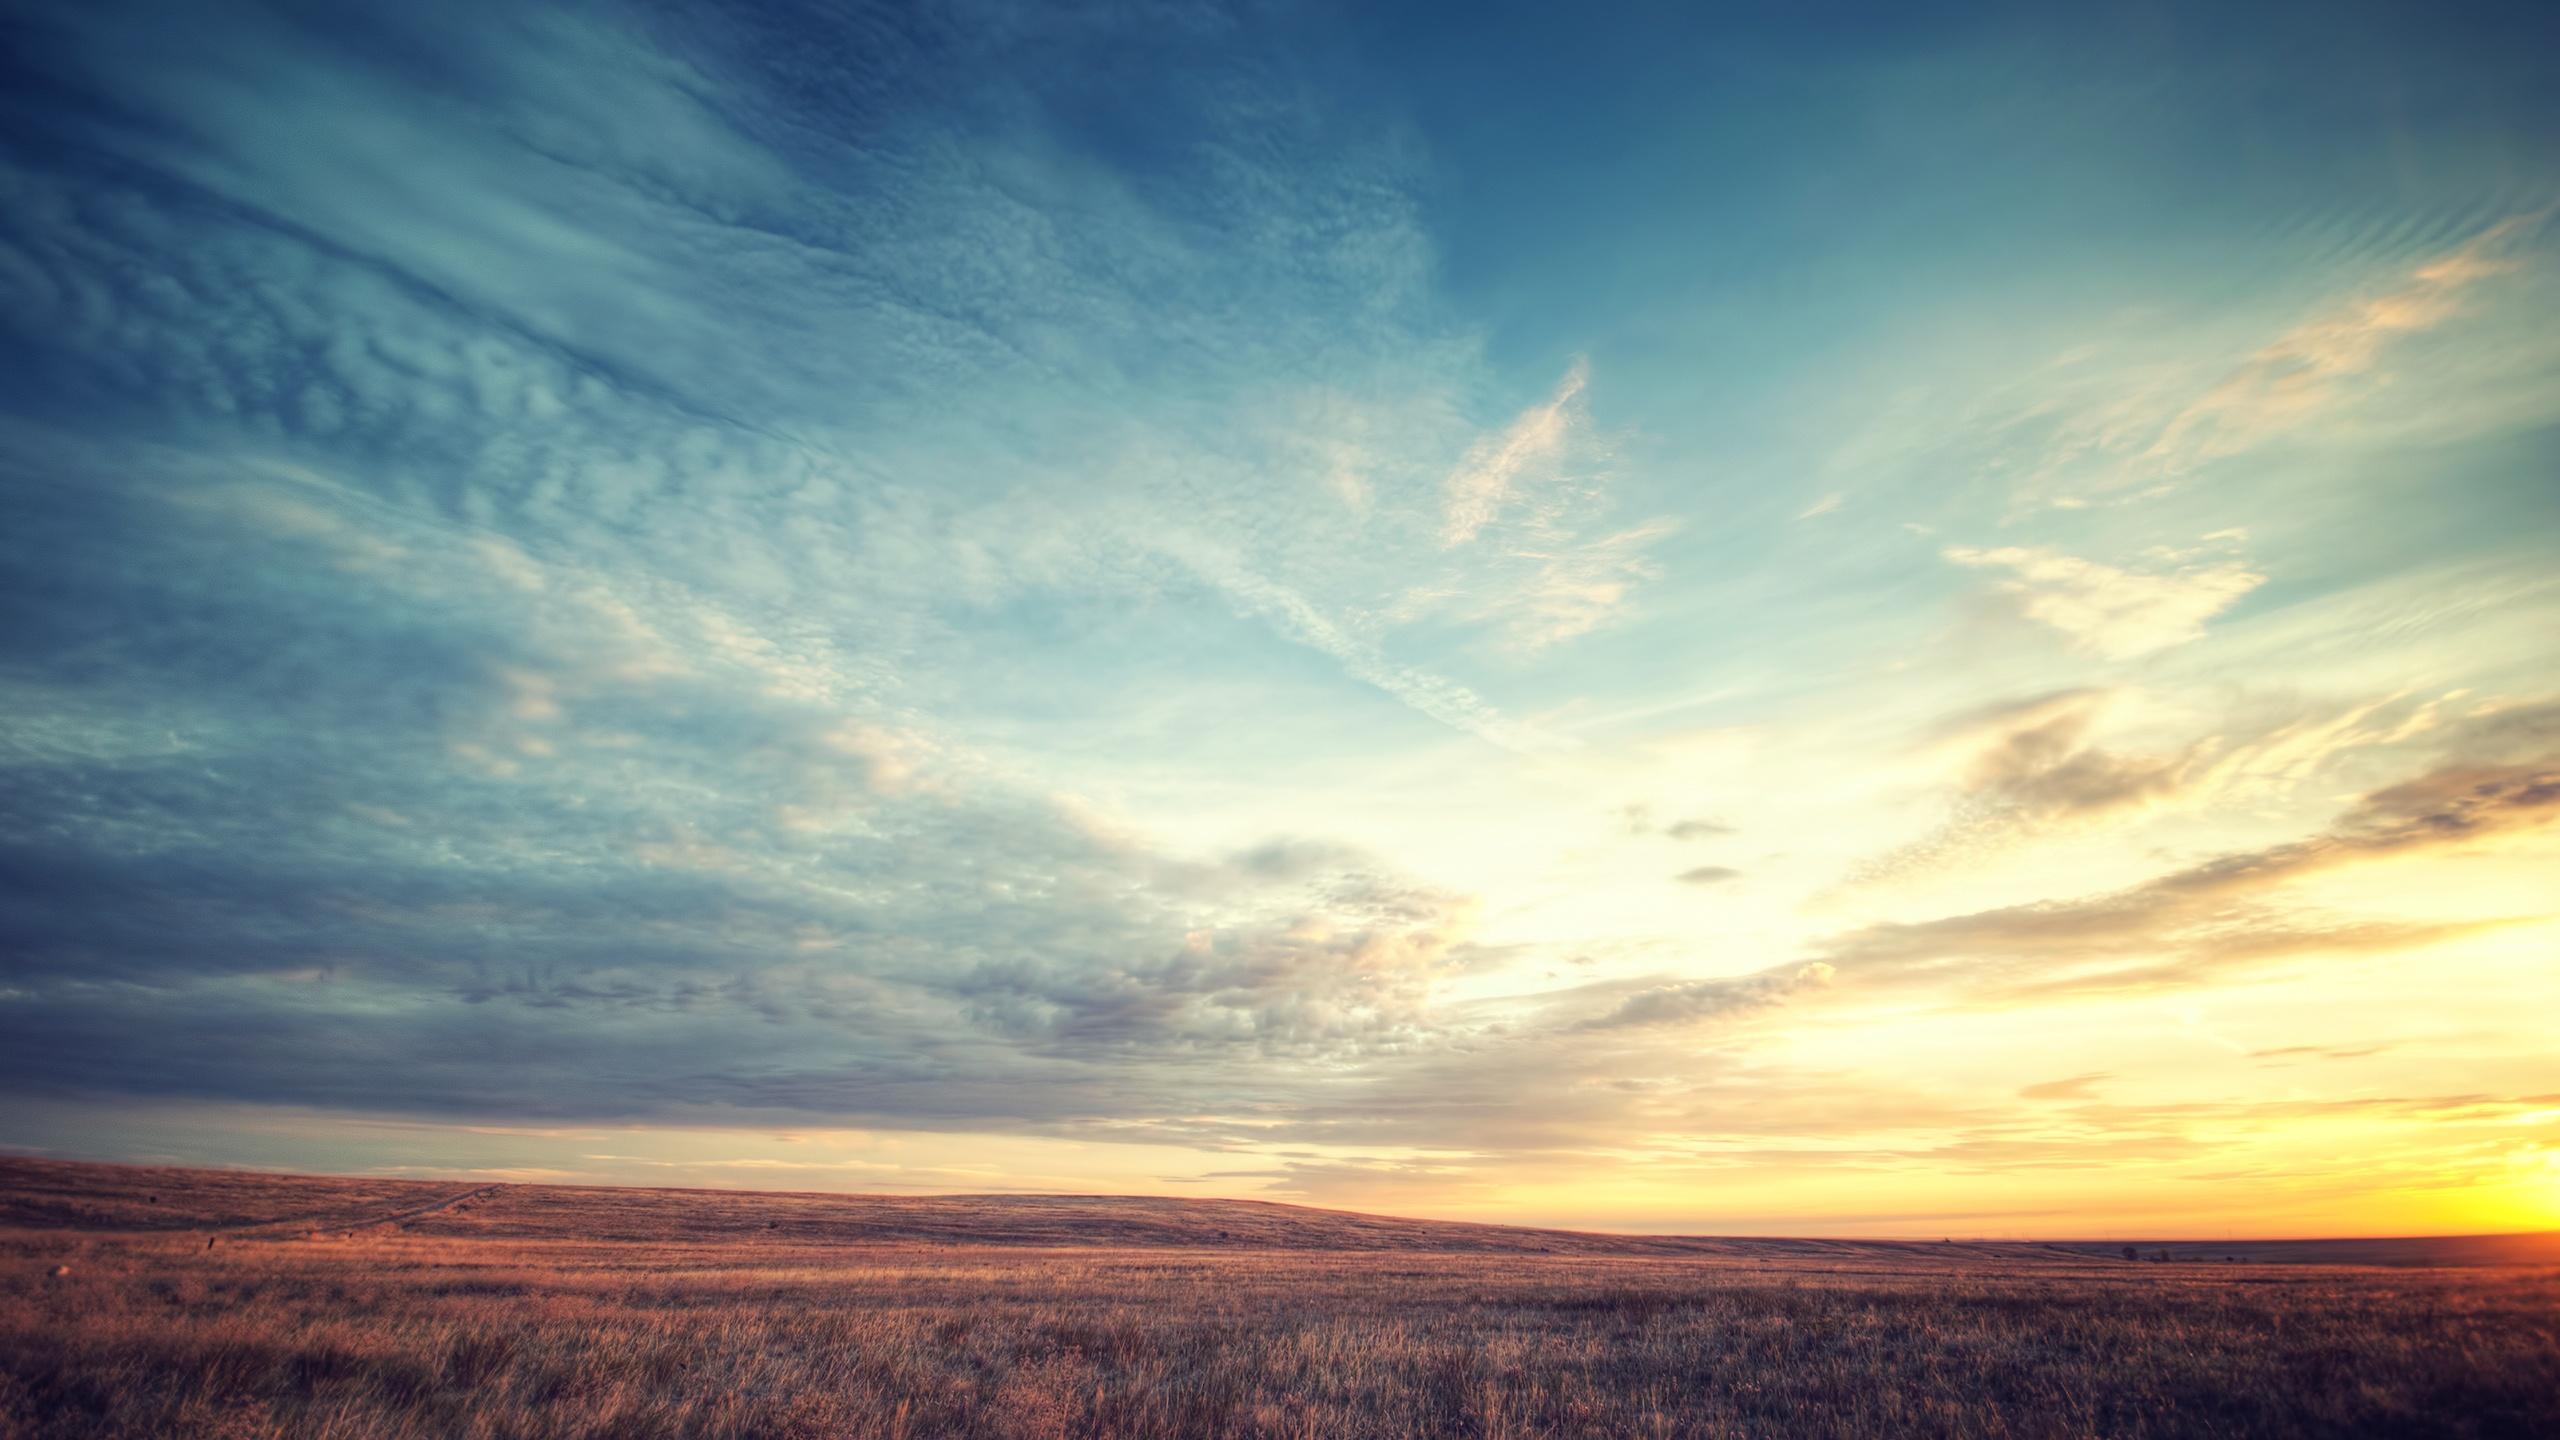 Fondos para fotos de nubes 72